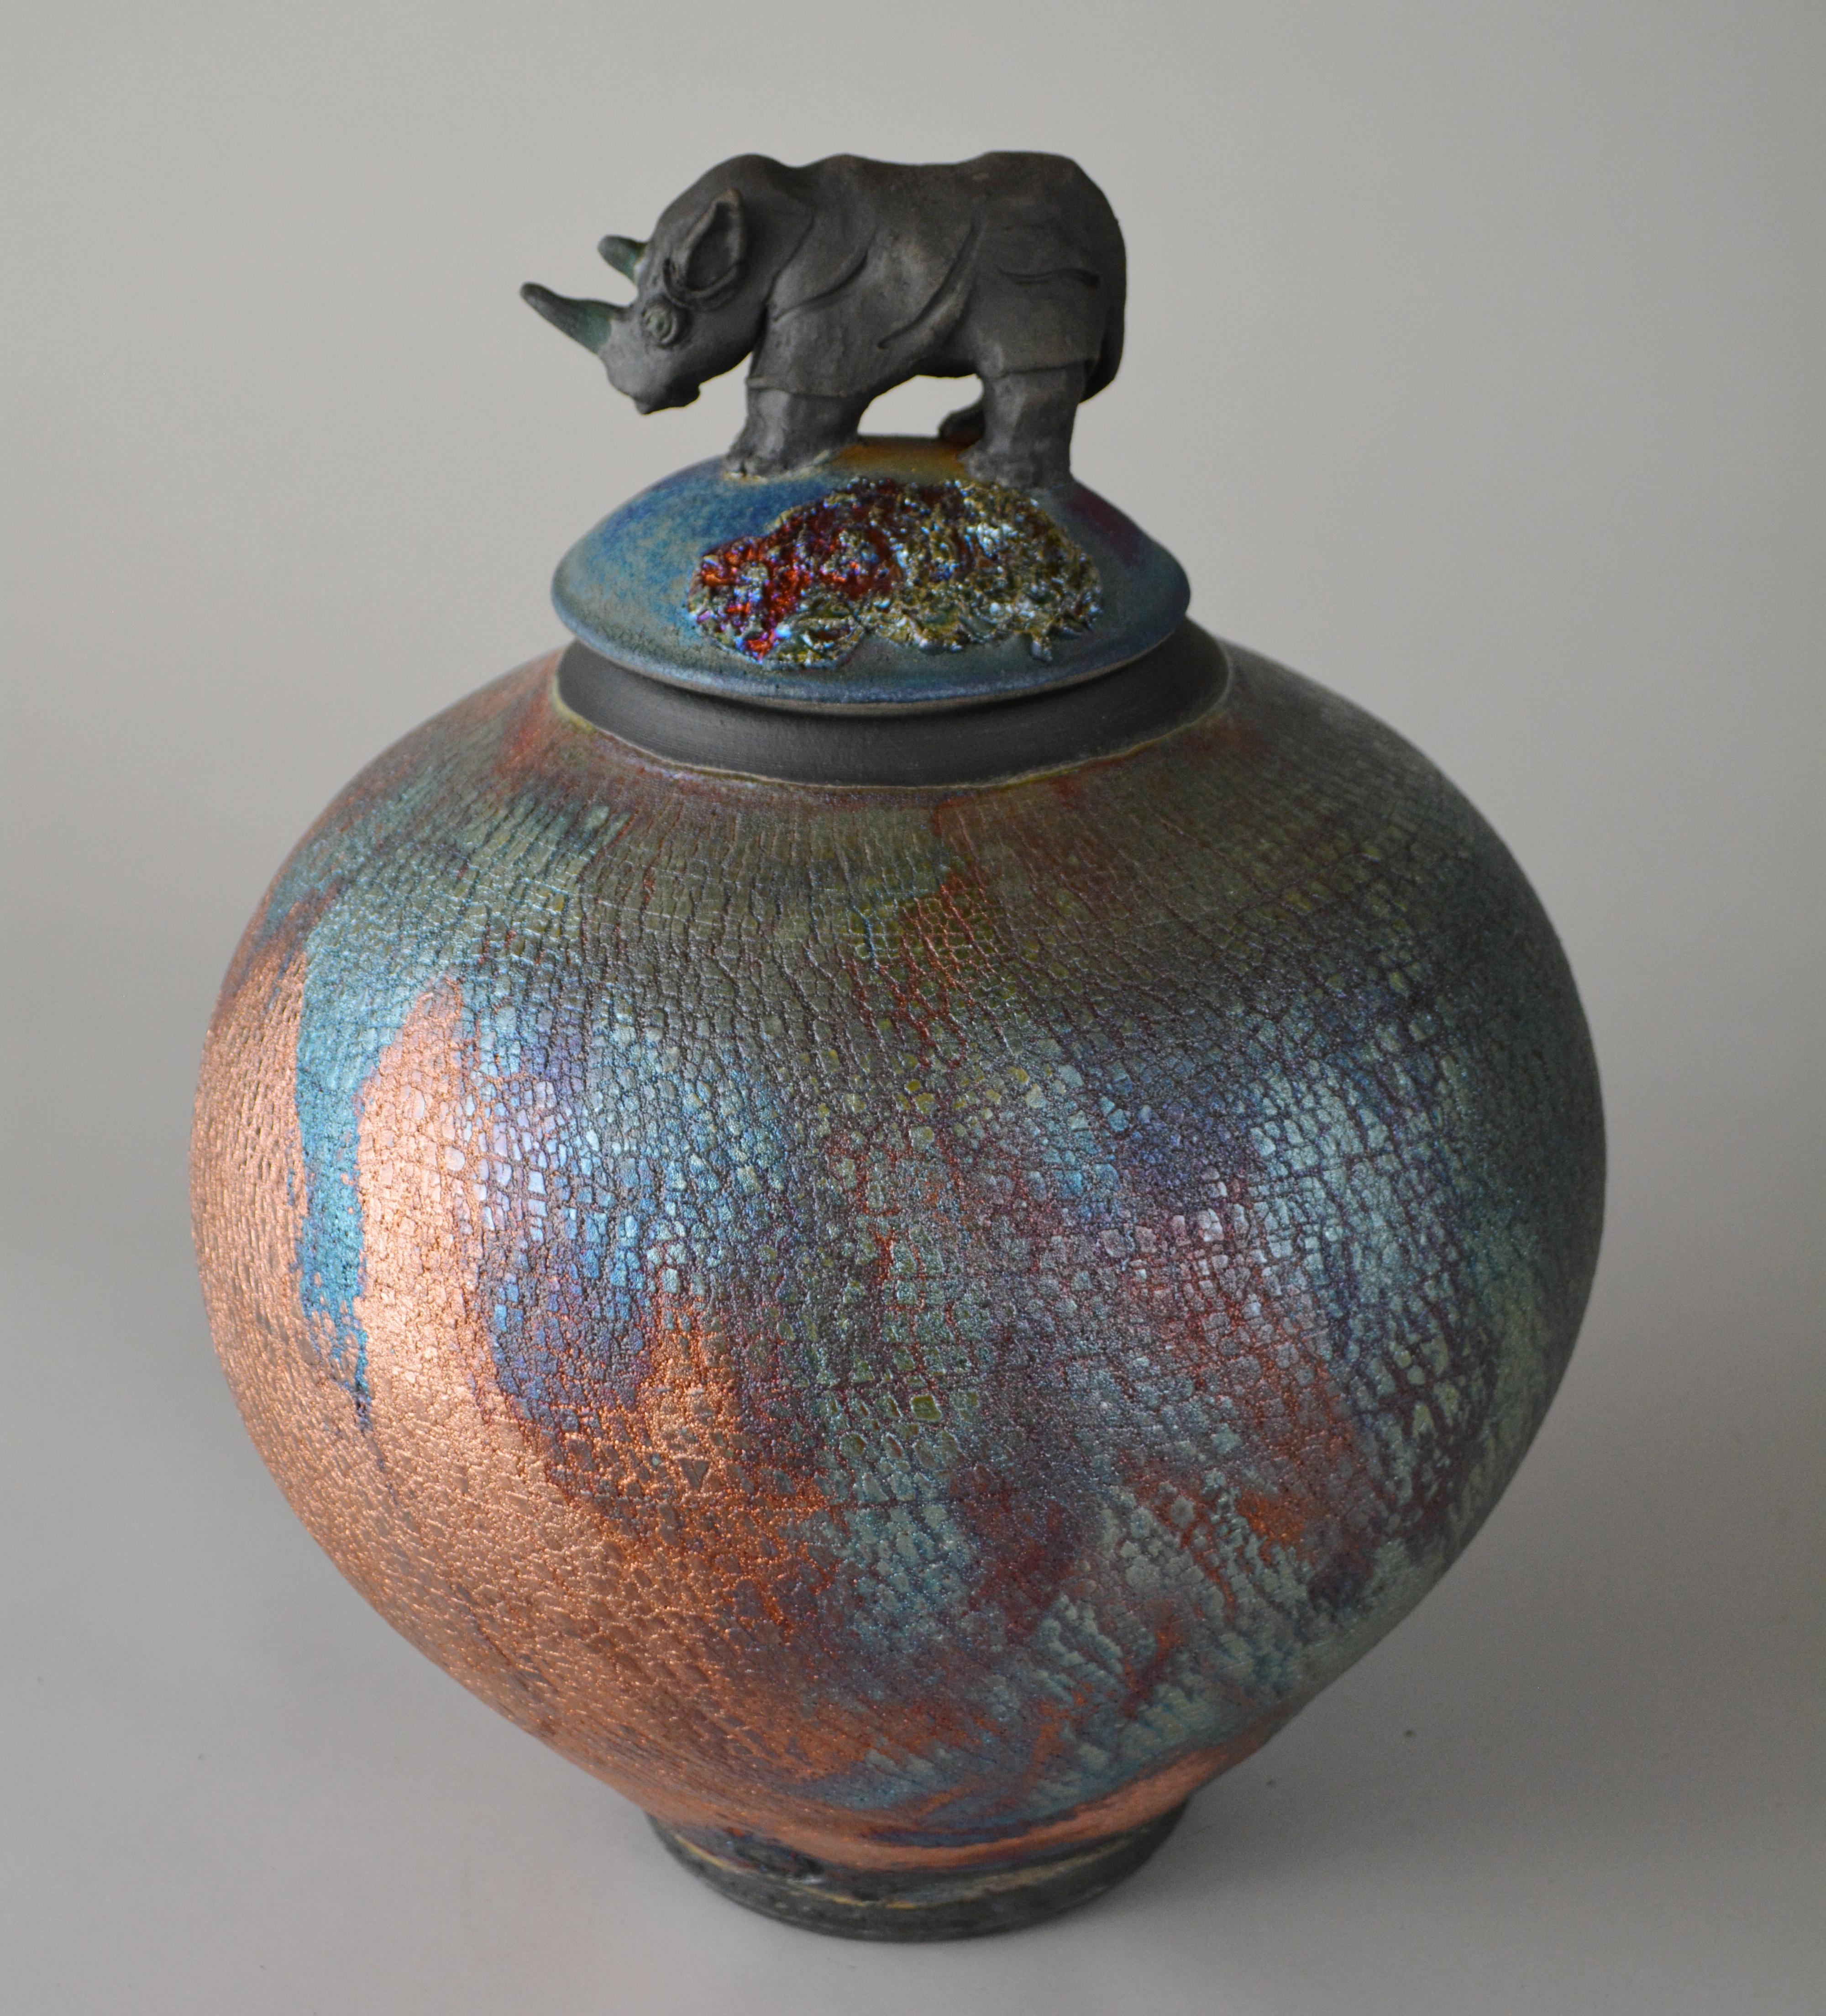 Rhino jar